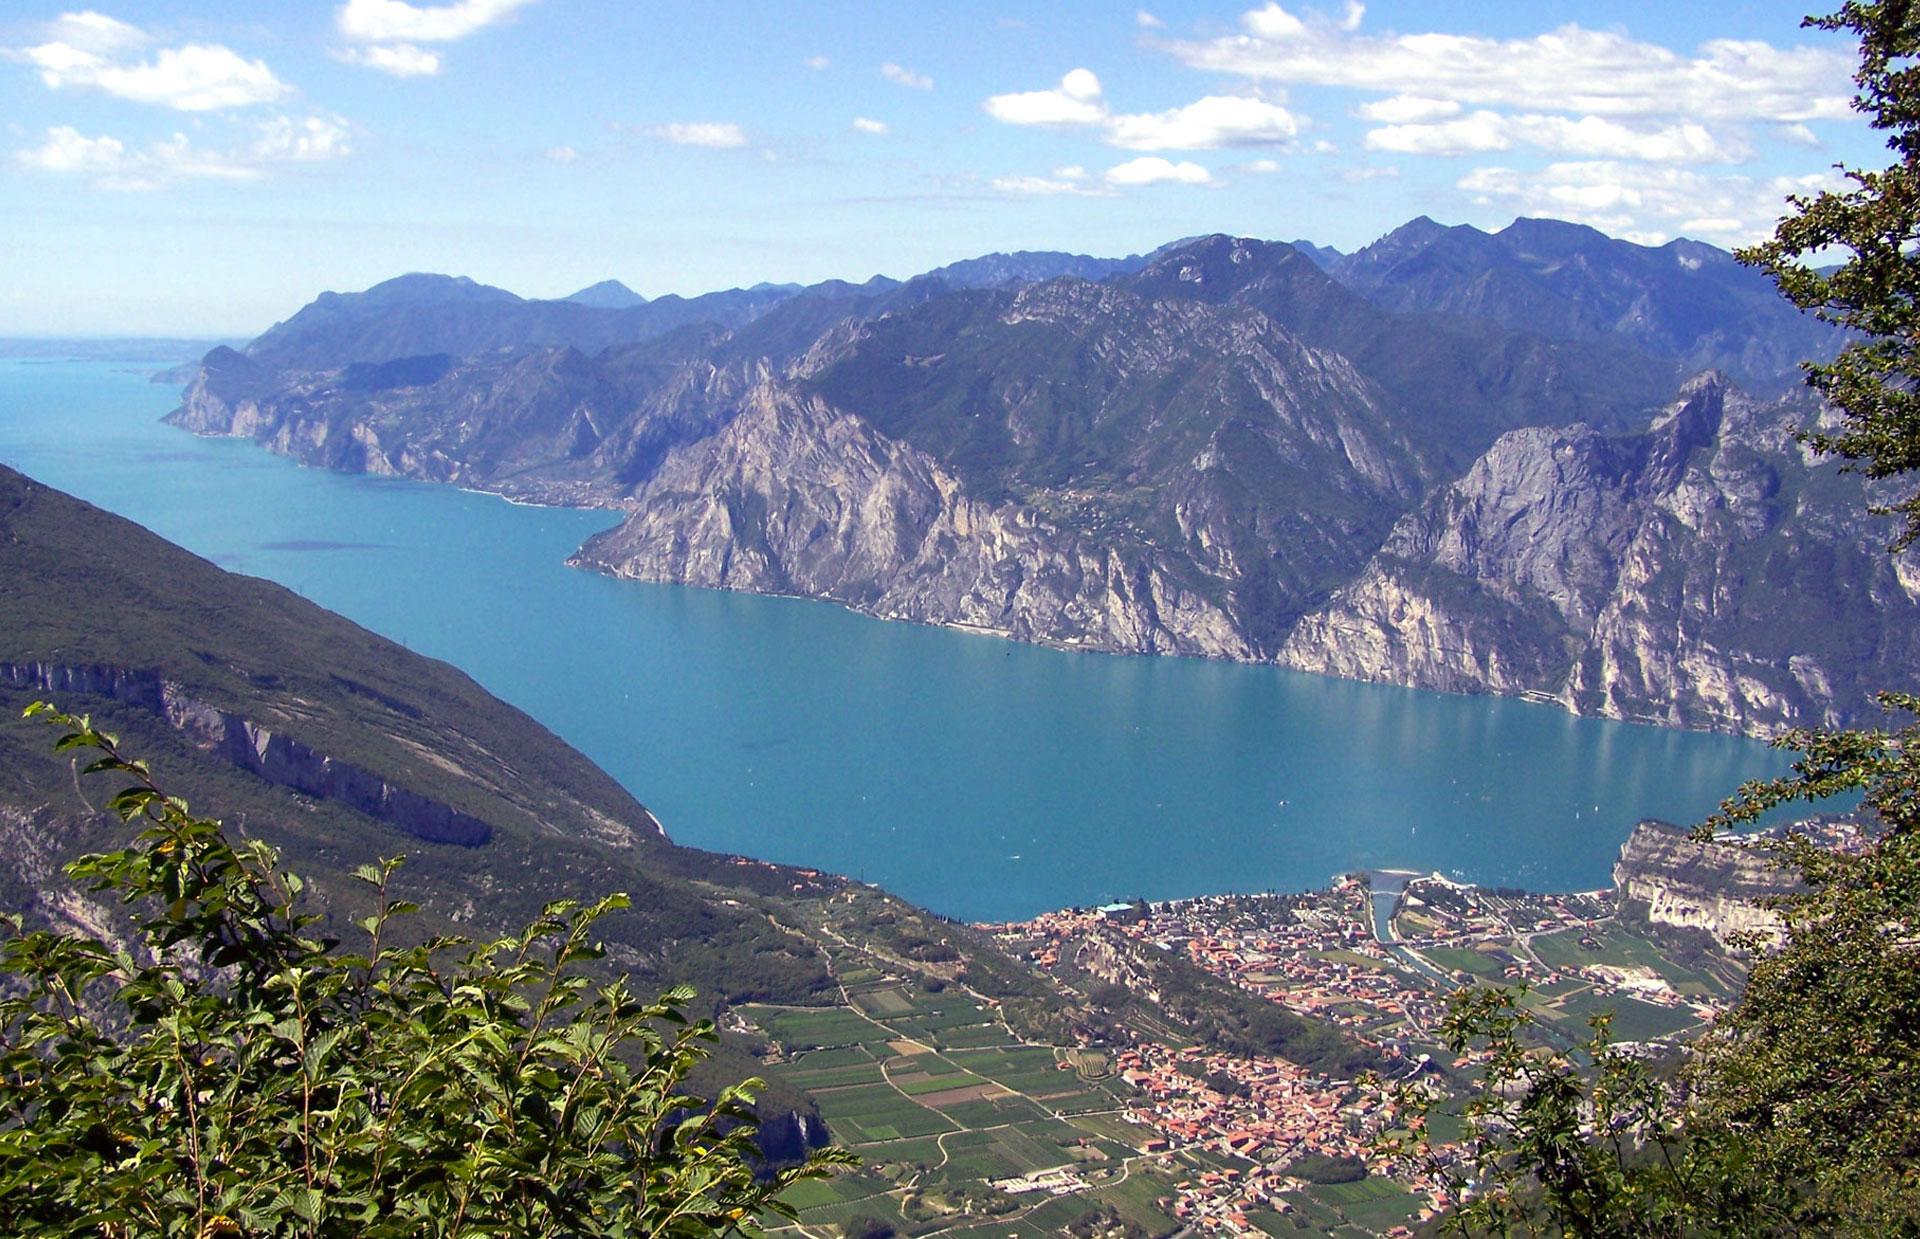 lago-garda - B&B Centro della Famiglia Treviso